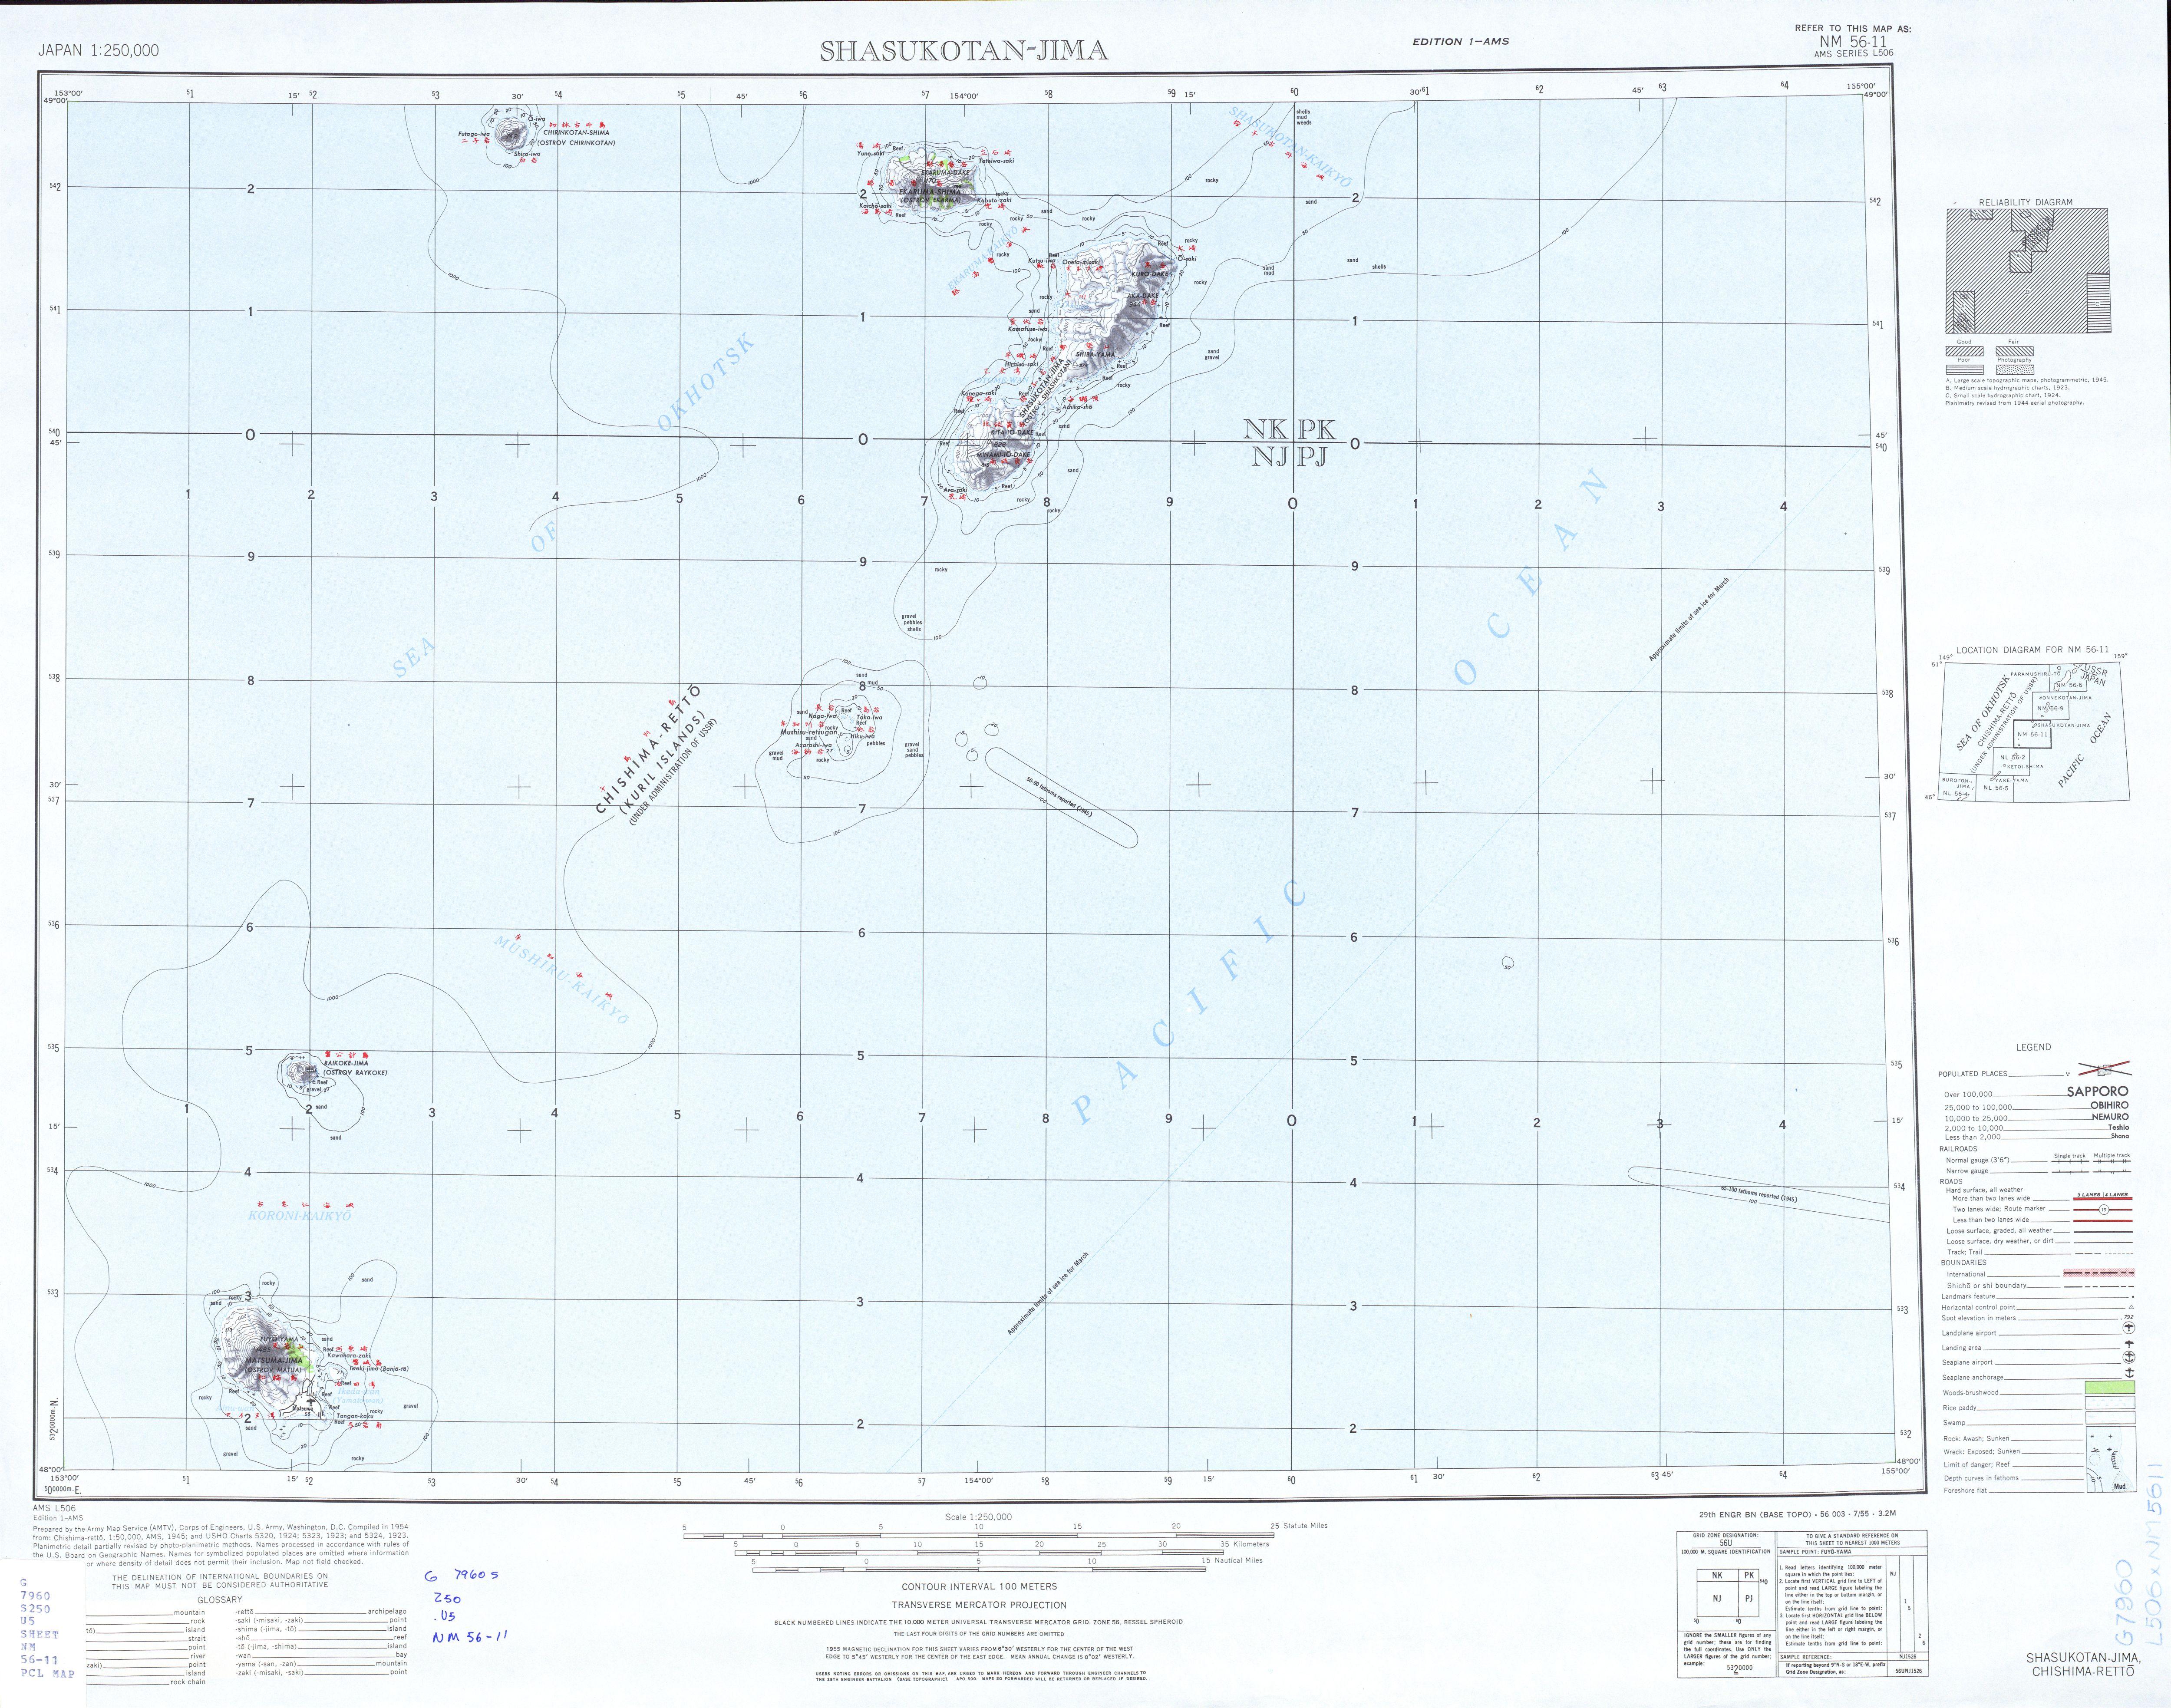 Hoja Shasukotan-Jima del Mapa Topográfico de Japón 1954